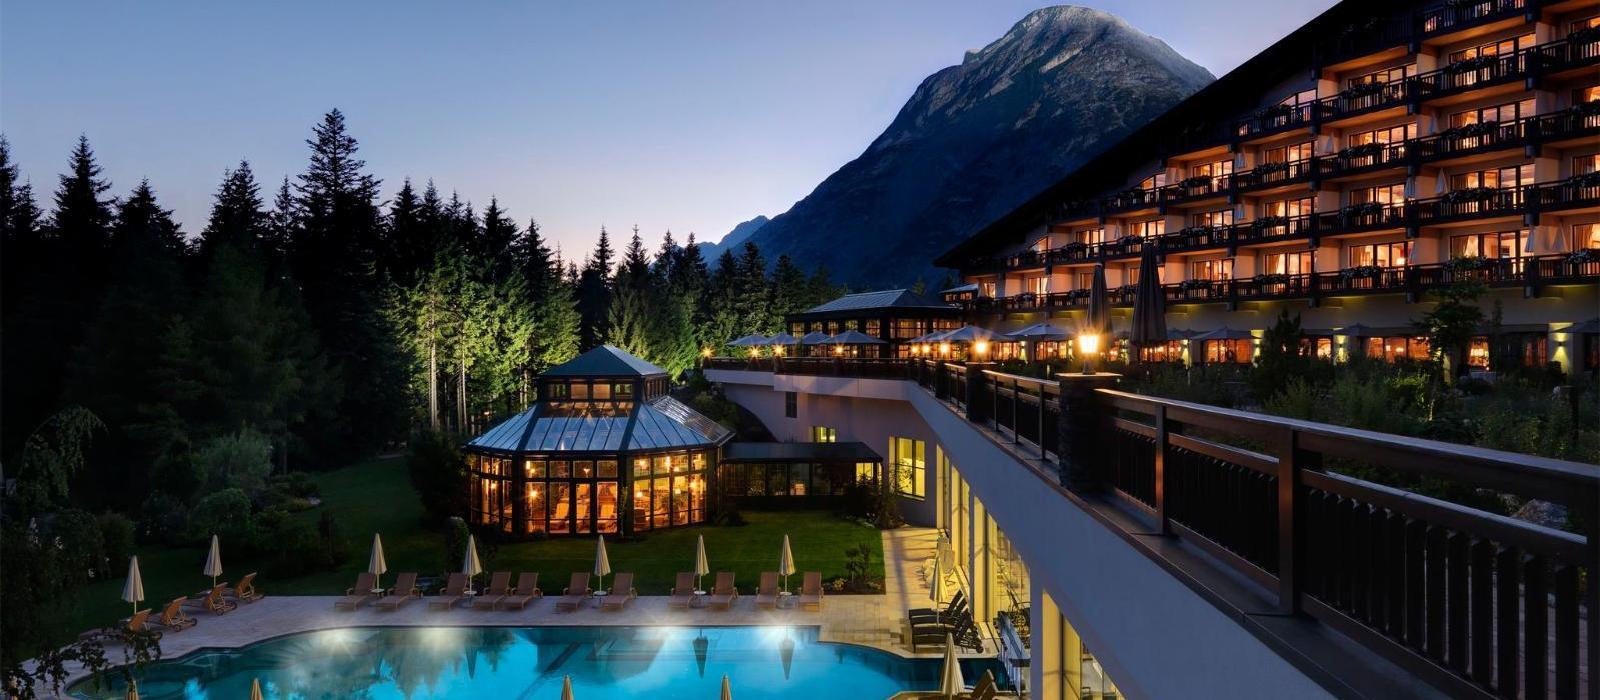 阿尔卑斯山蒂罗尔度假酒店(Interalpen-Hotel Tyrol) 酒店夜景图片  www.lhw.cn